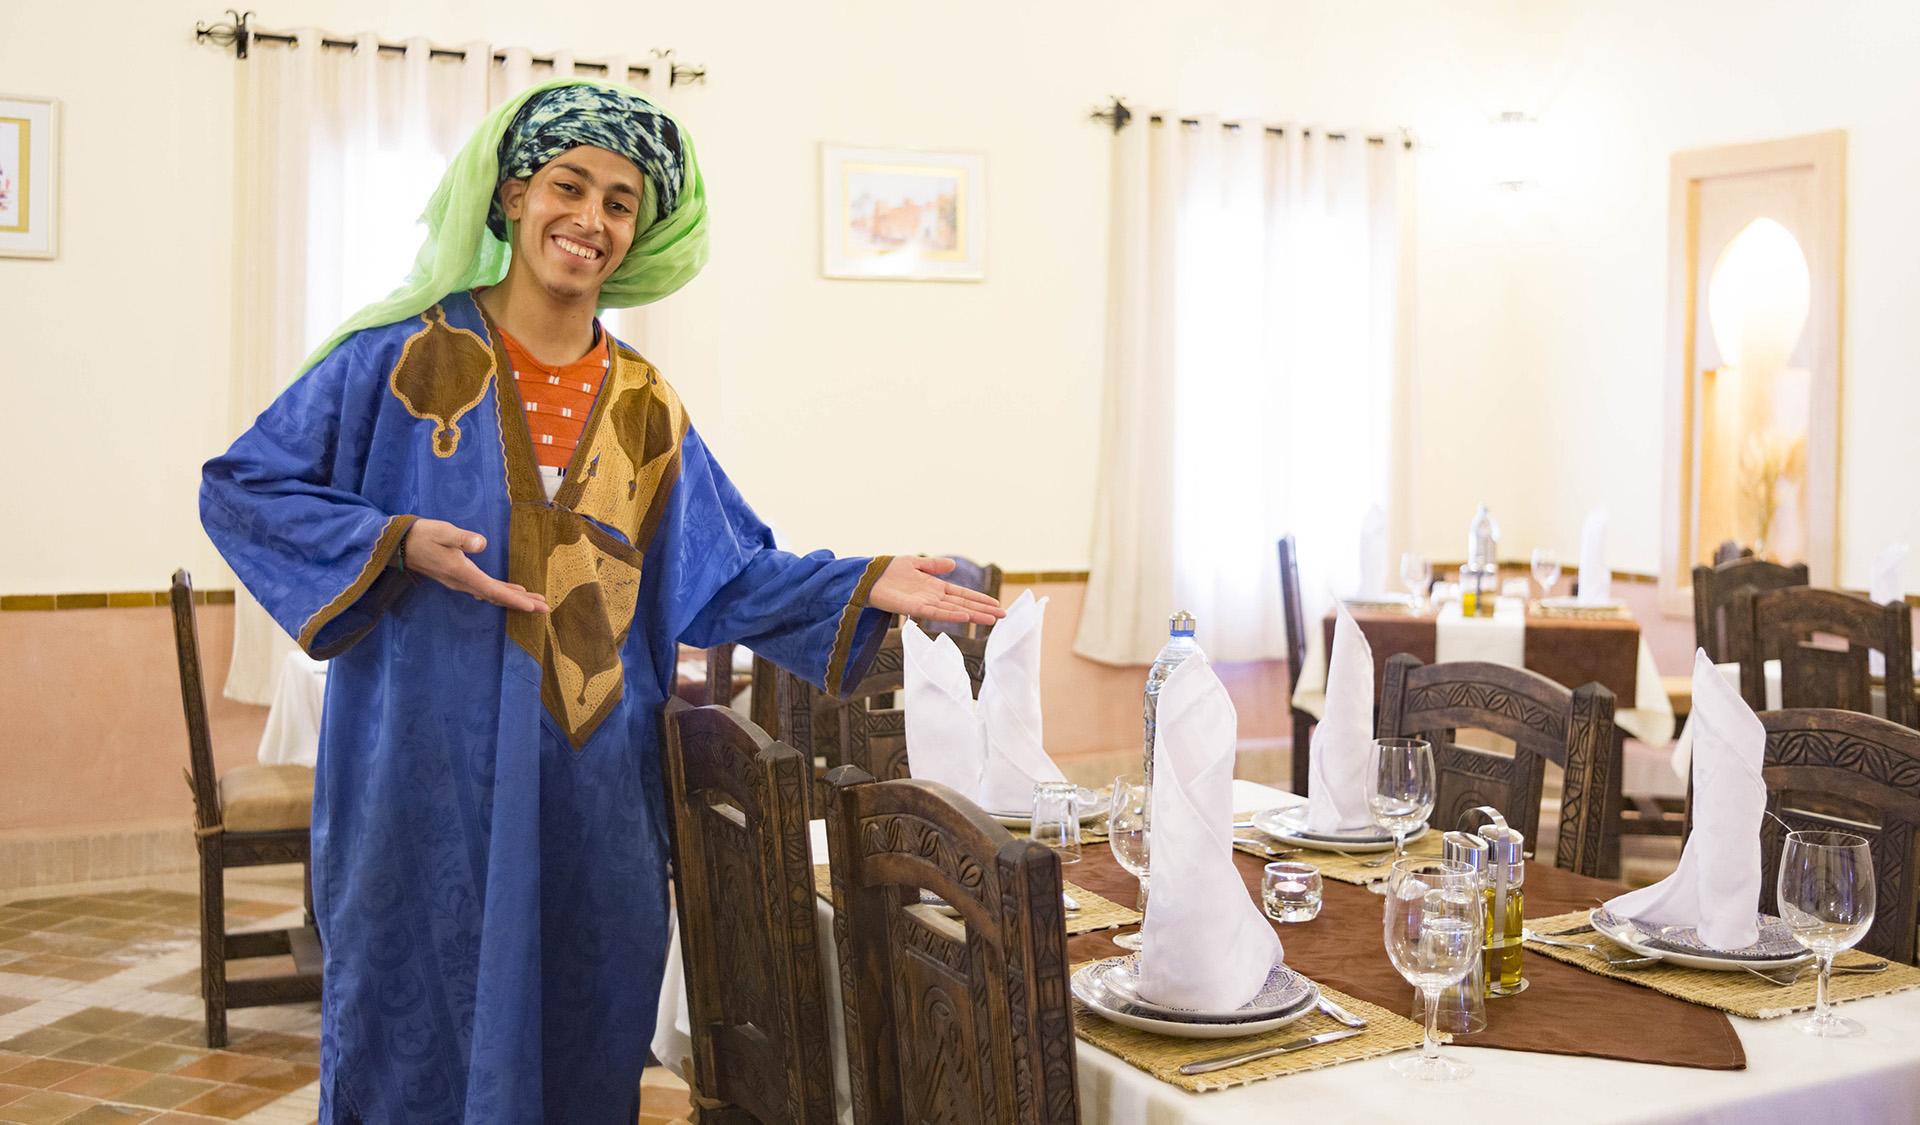 Sobre el restaurante del Riad Dar Hassan - foto Ezyê Moleda, todos los derechos reservados